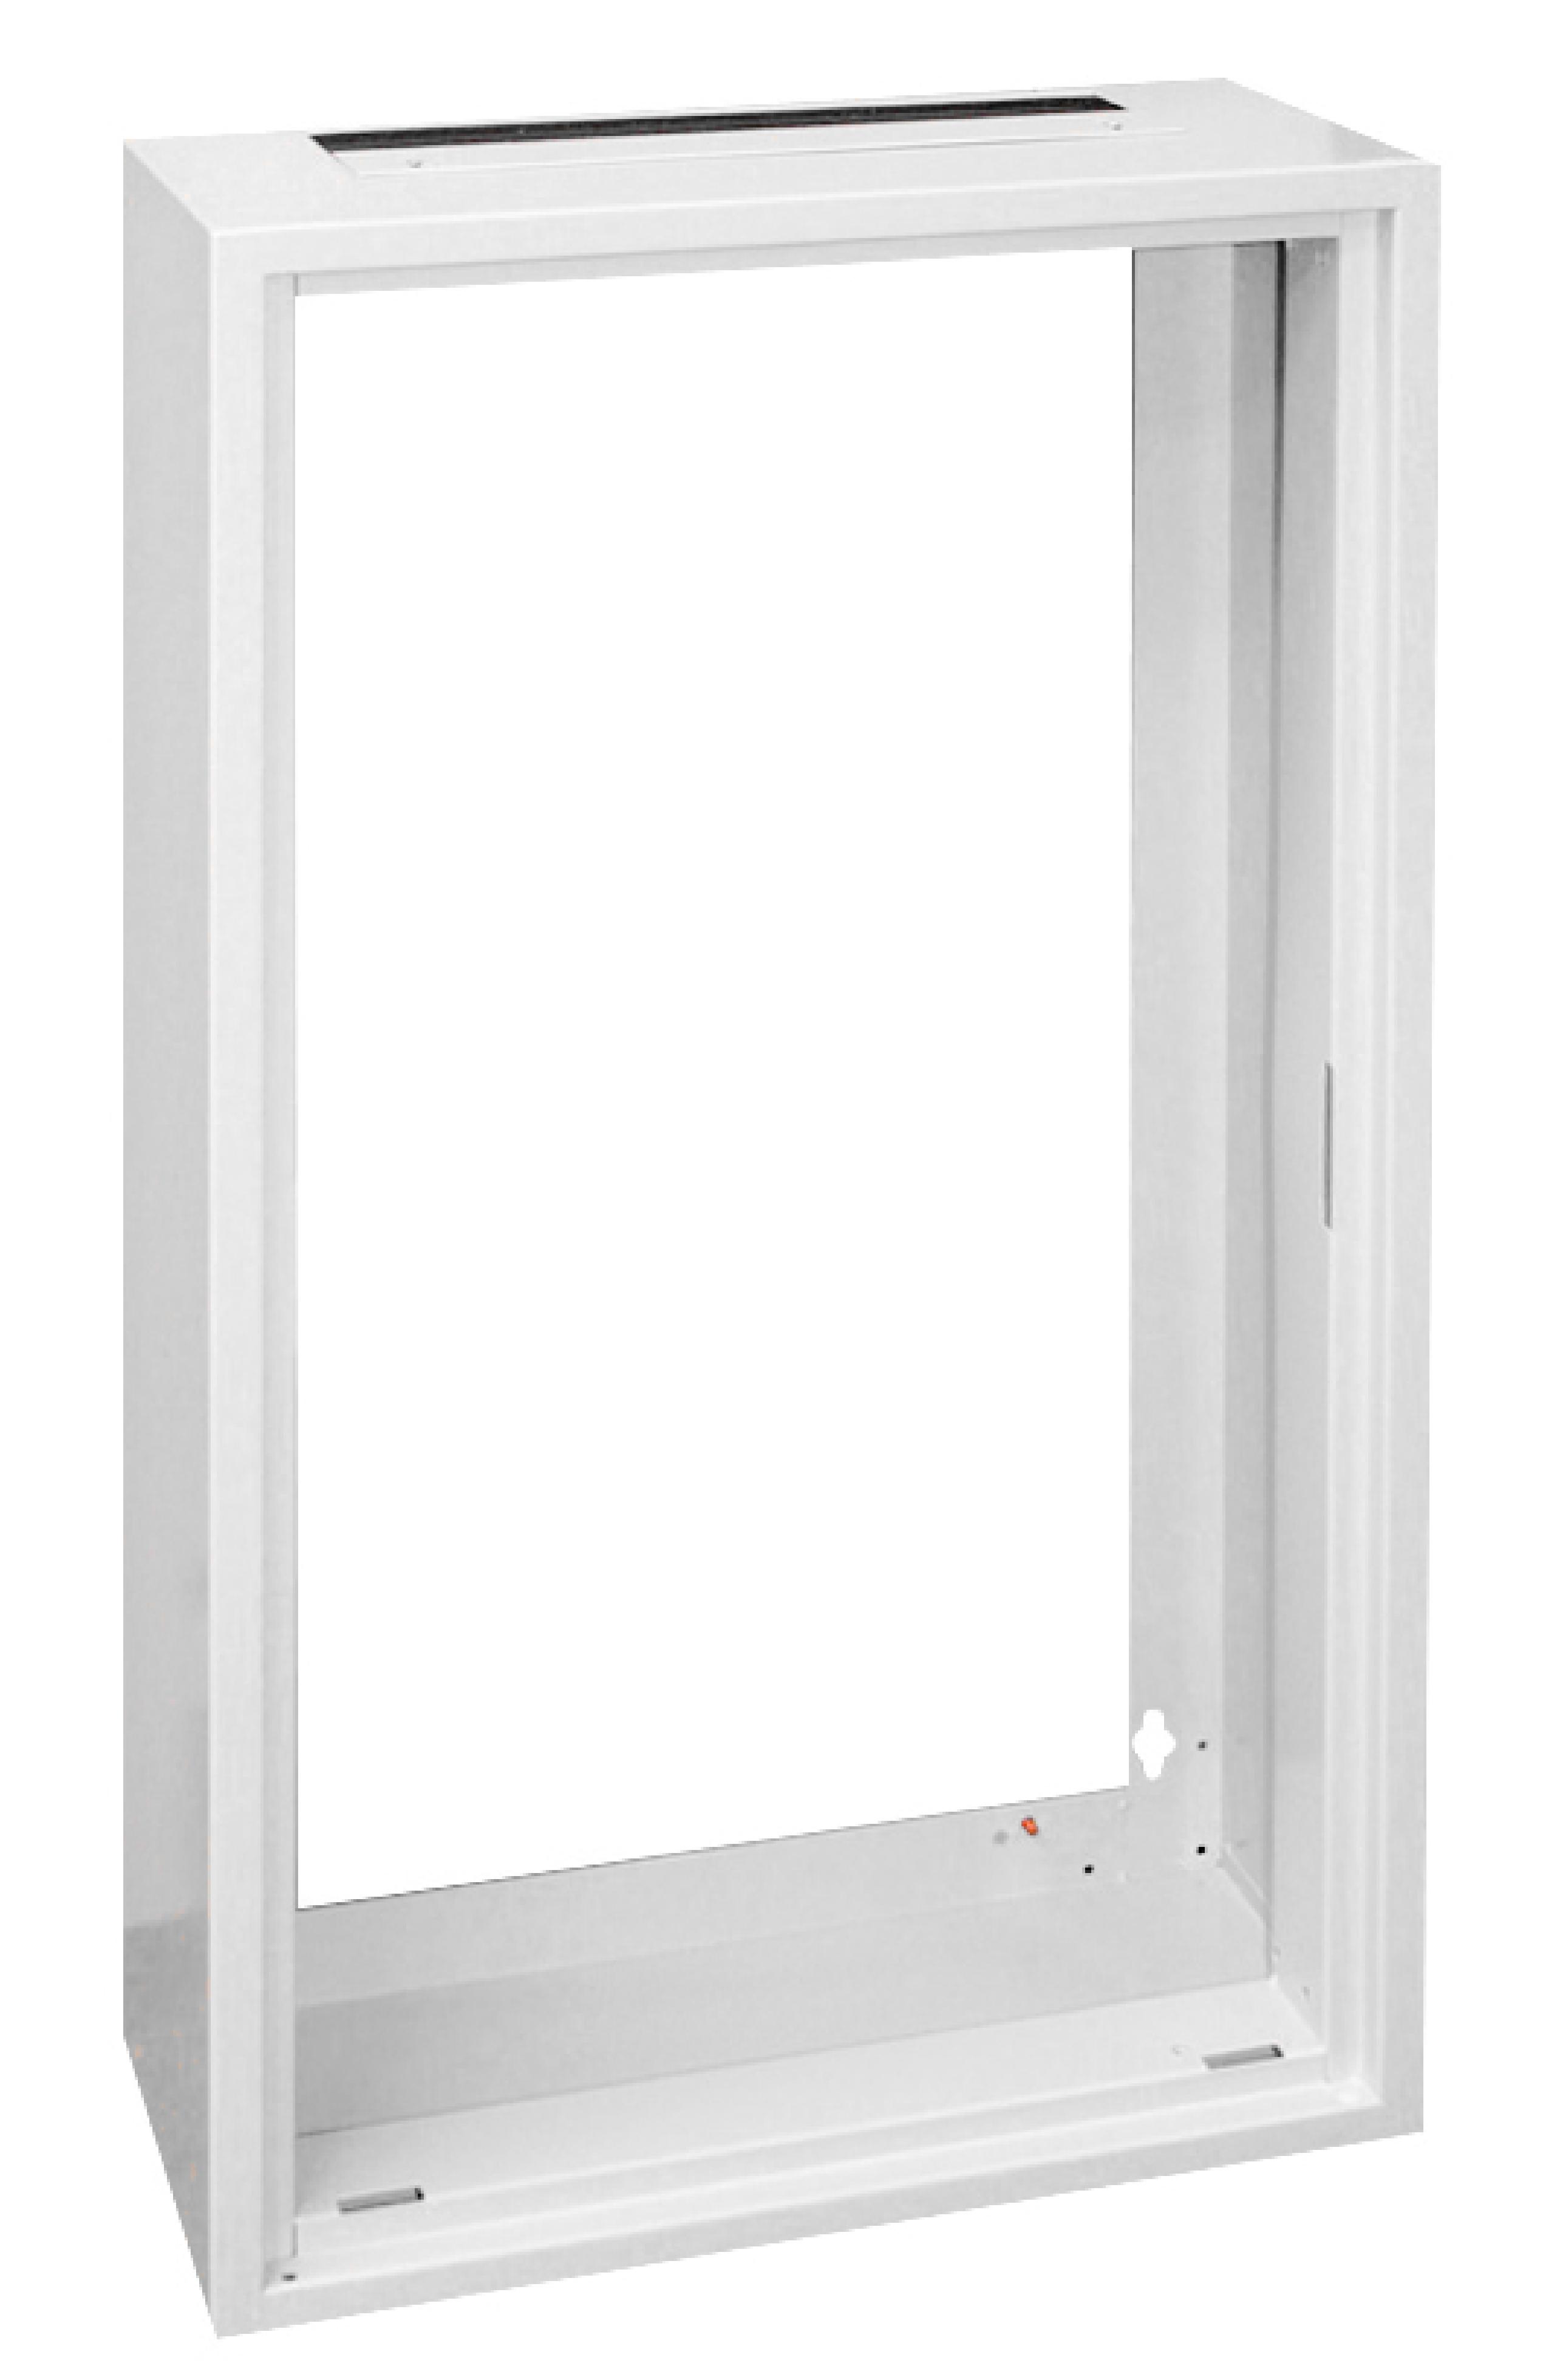 1 Stk AP-Rahmen ohne Türe und Rückwand 3A-39, H1885B810T250mm IL001339-F